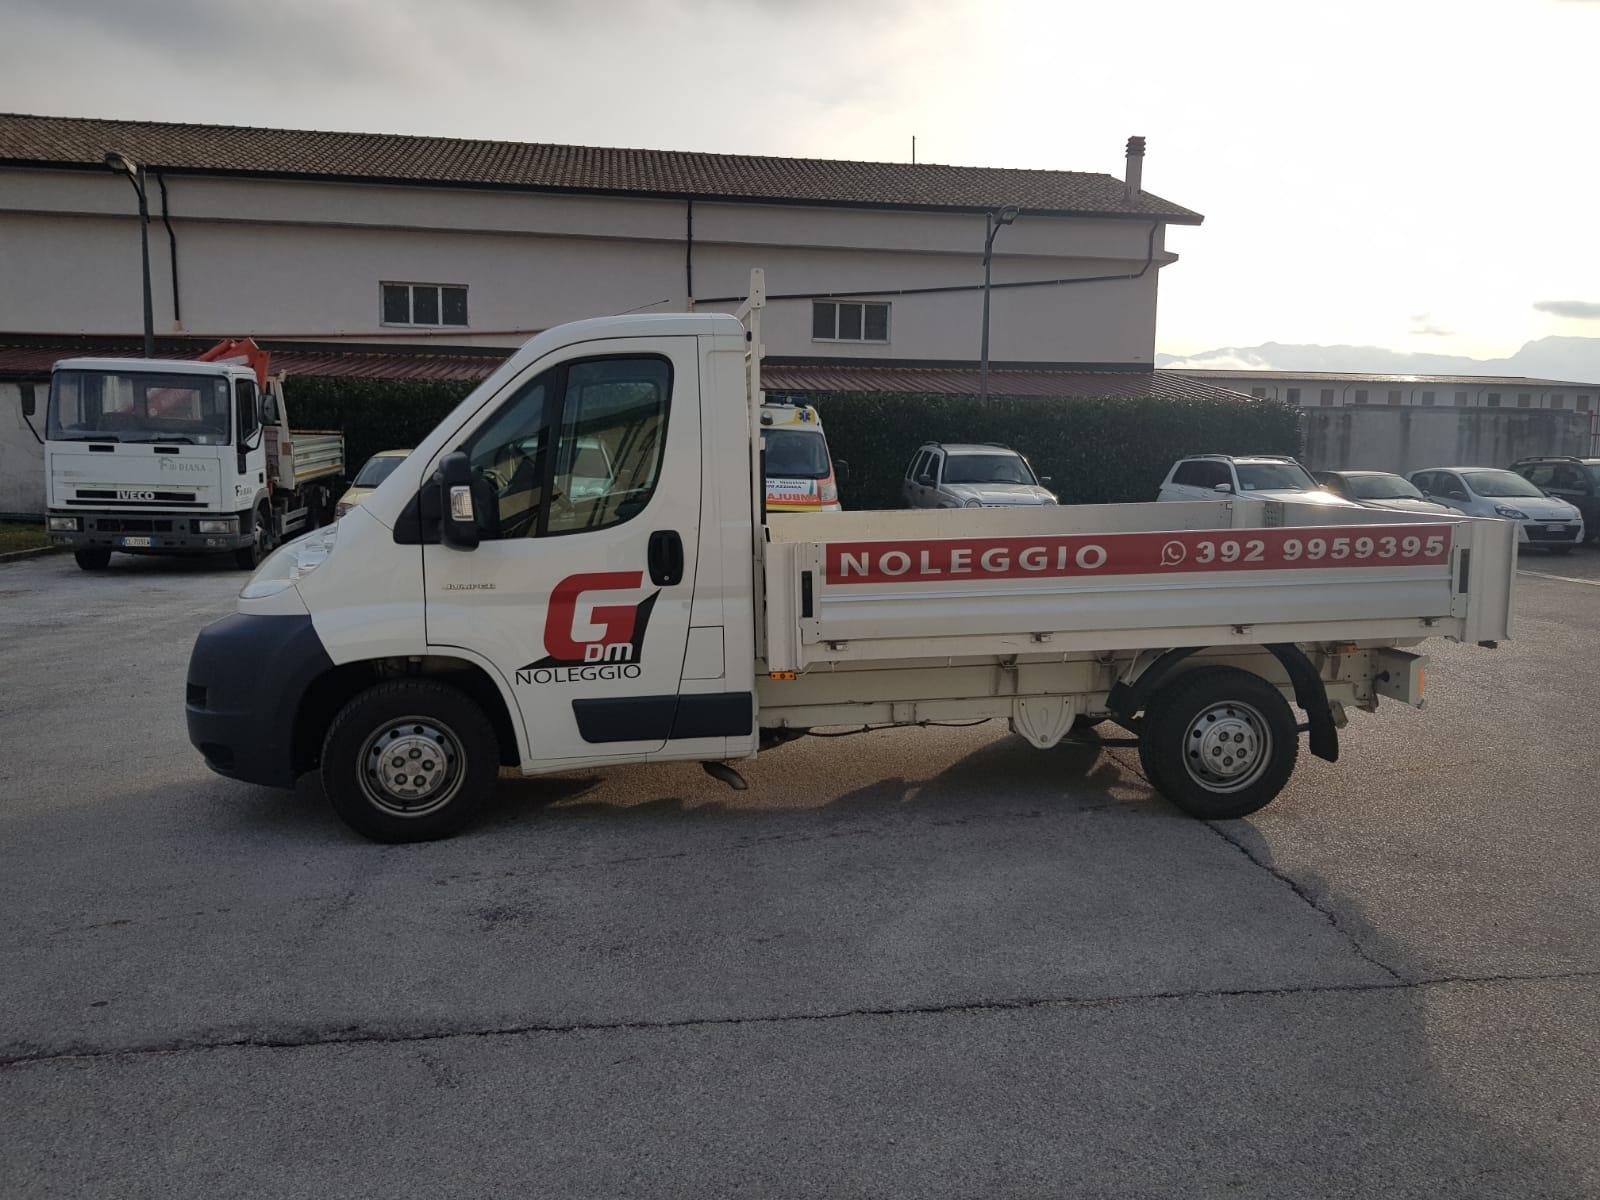 GDM-Auto-castel-di-sangro-jumper-noleggio-53